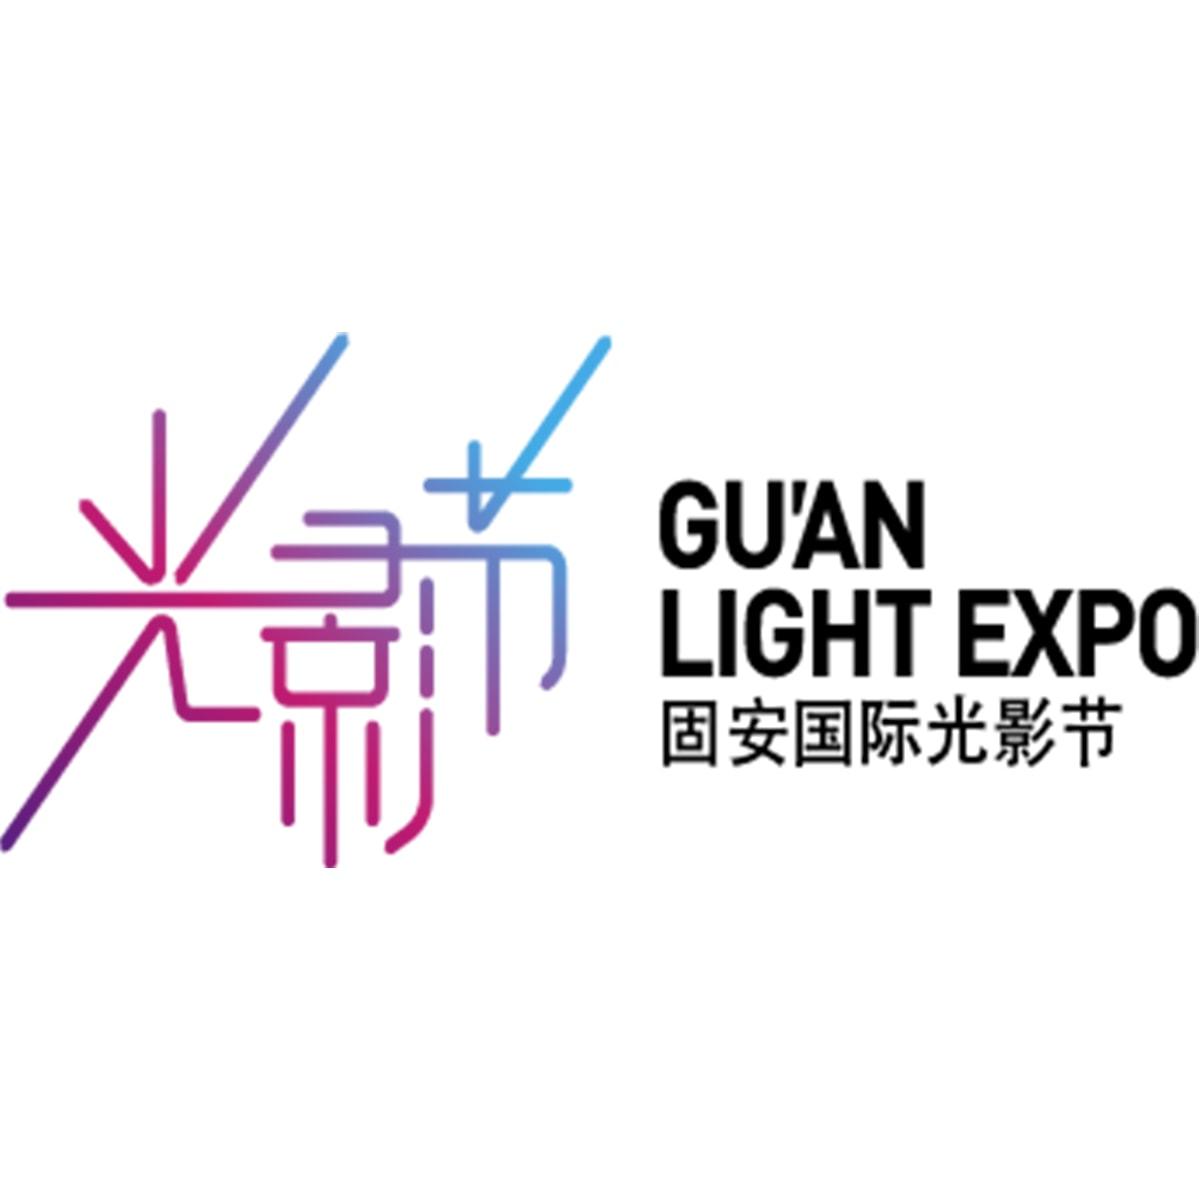 GU'an, Light Expo